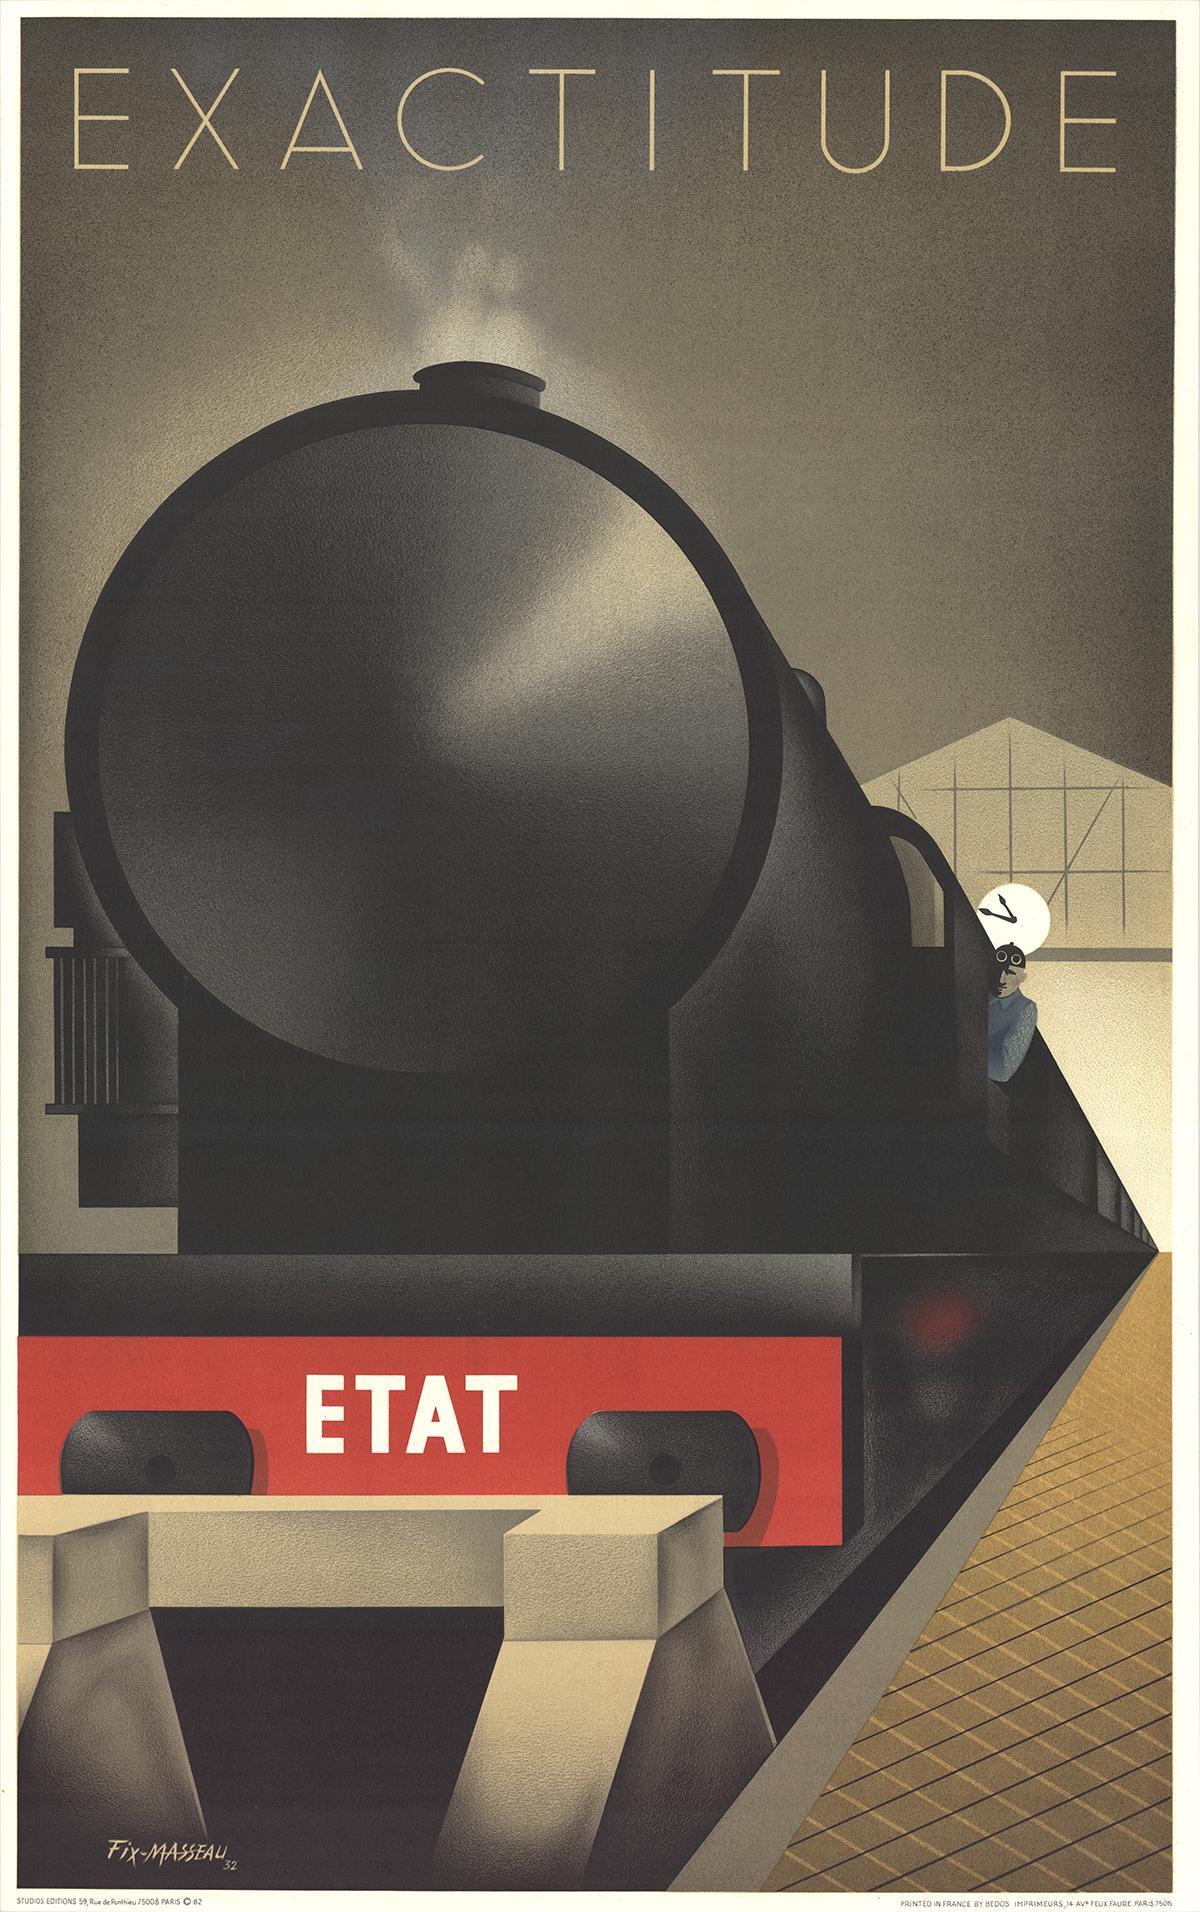 """Pierre Fix-Masseau-Exactitude-40"""" x 25""""-Lithograph-1982-Vintage-Black, Brown"""